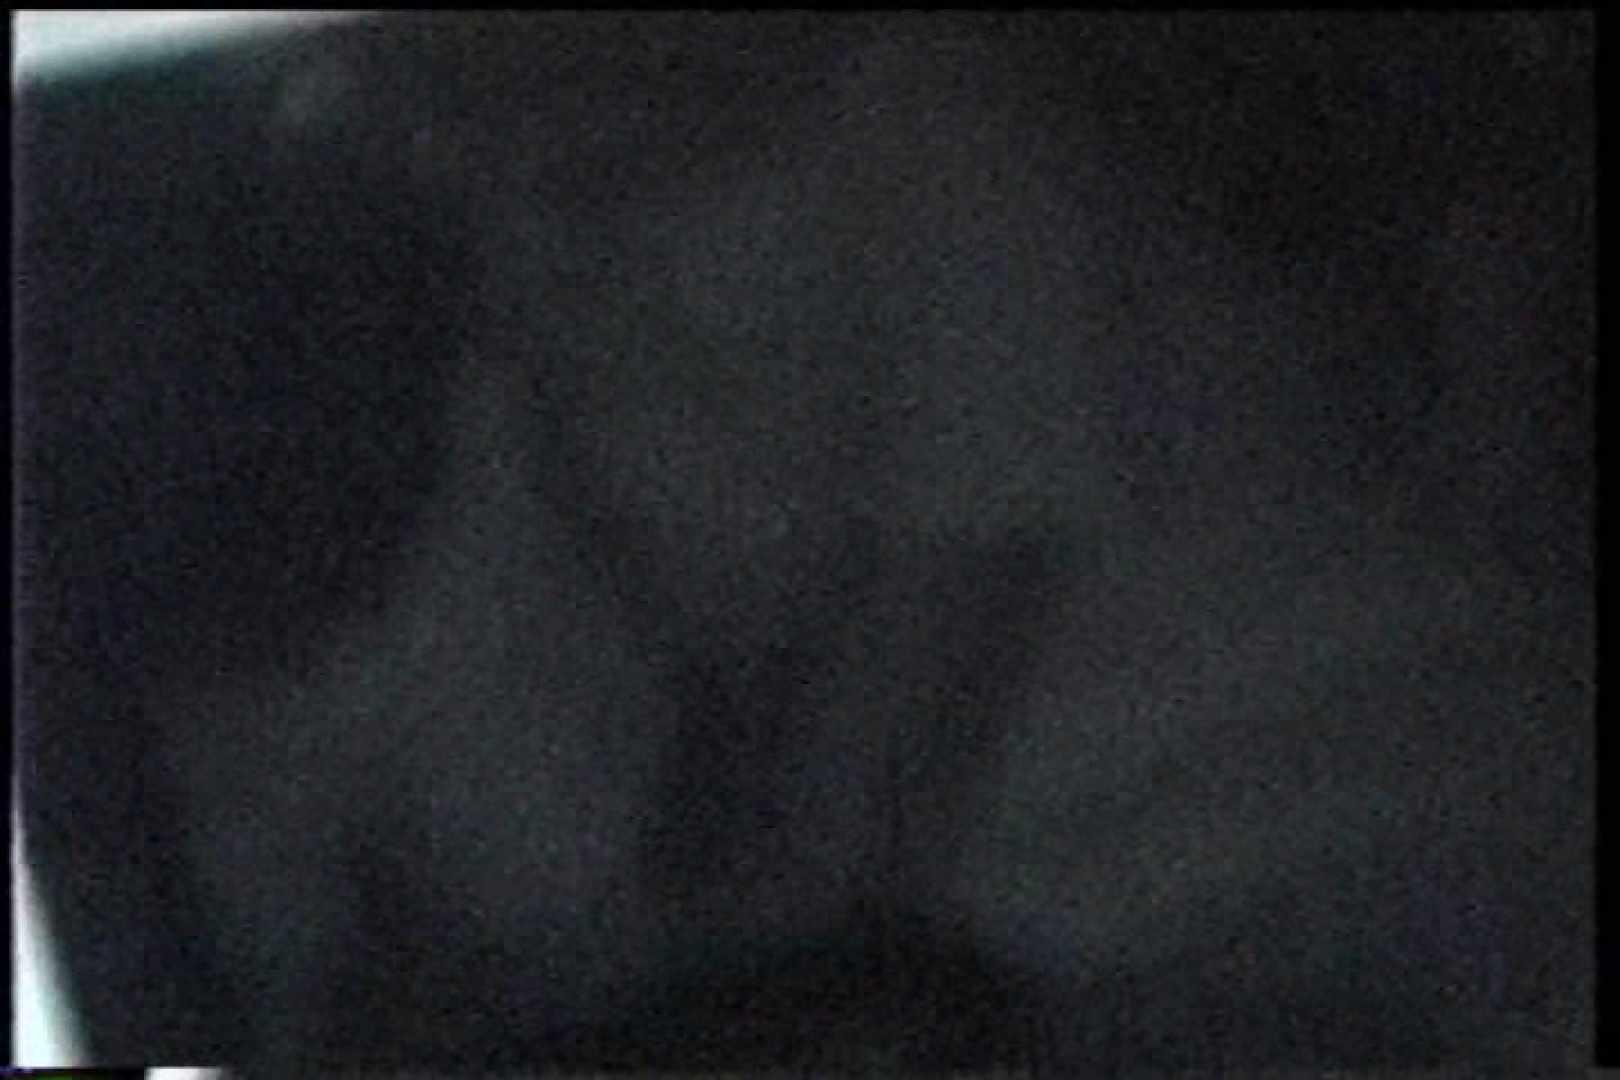 充血監督の深夜の運動会Vol.206 チクビ | OLセックス  65画像 51